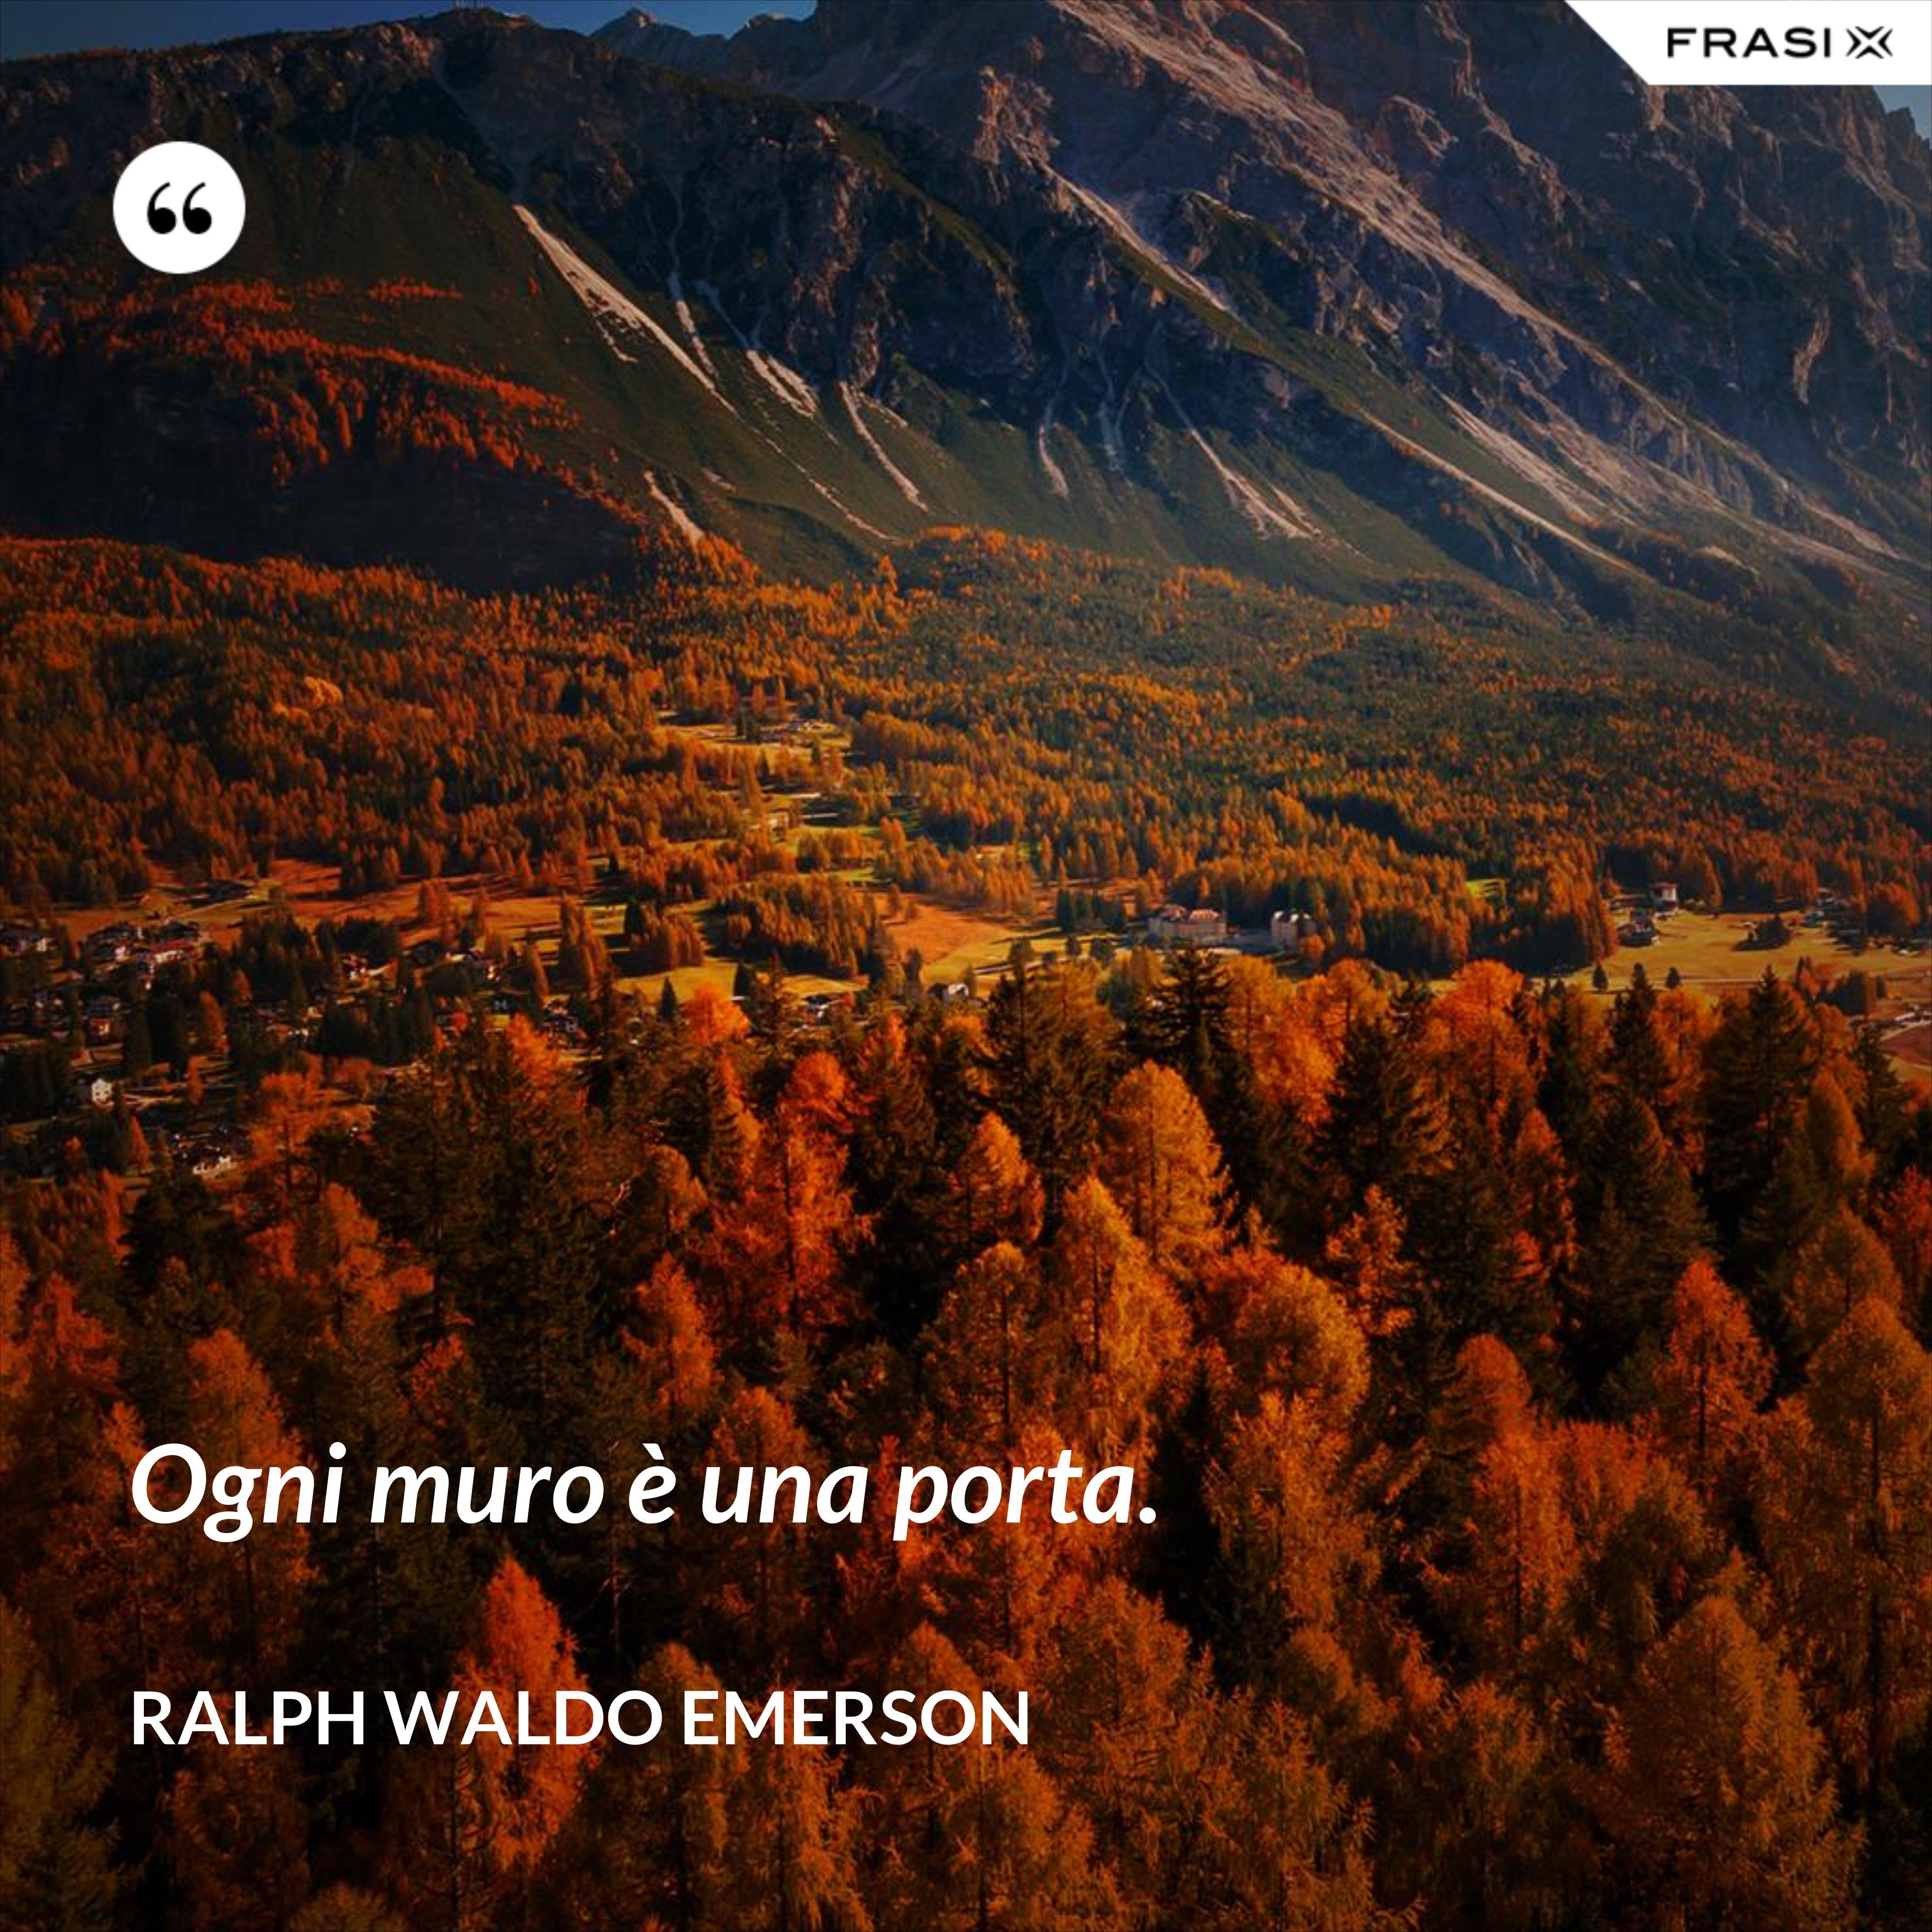 Ogni muro è una porta. - Ralph Waldo Emerson